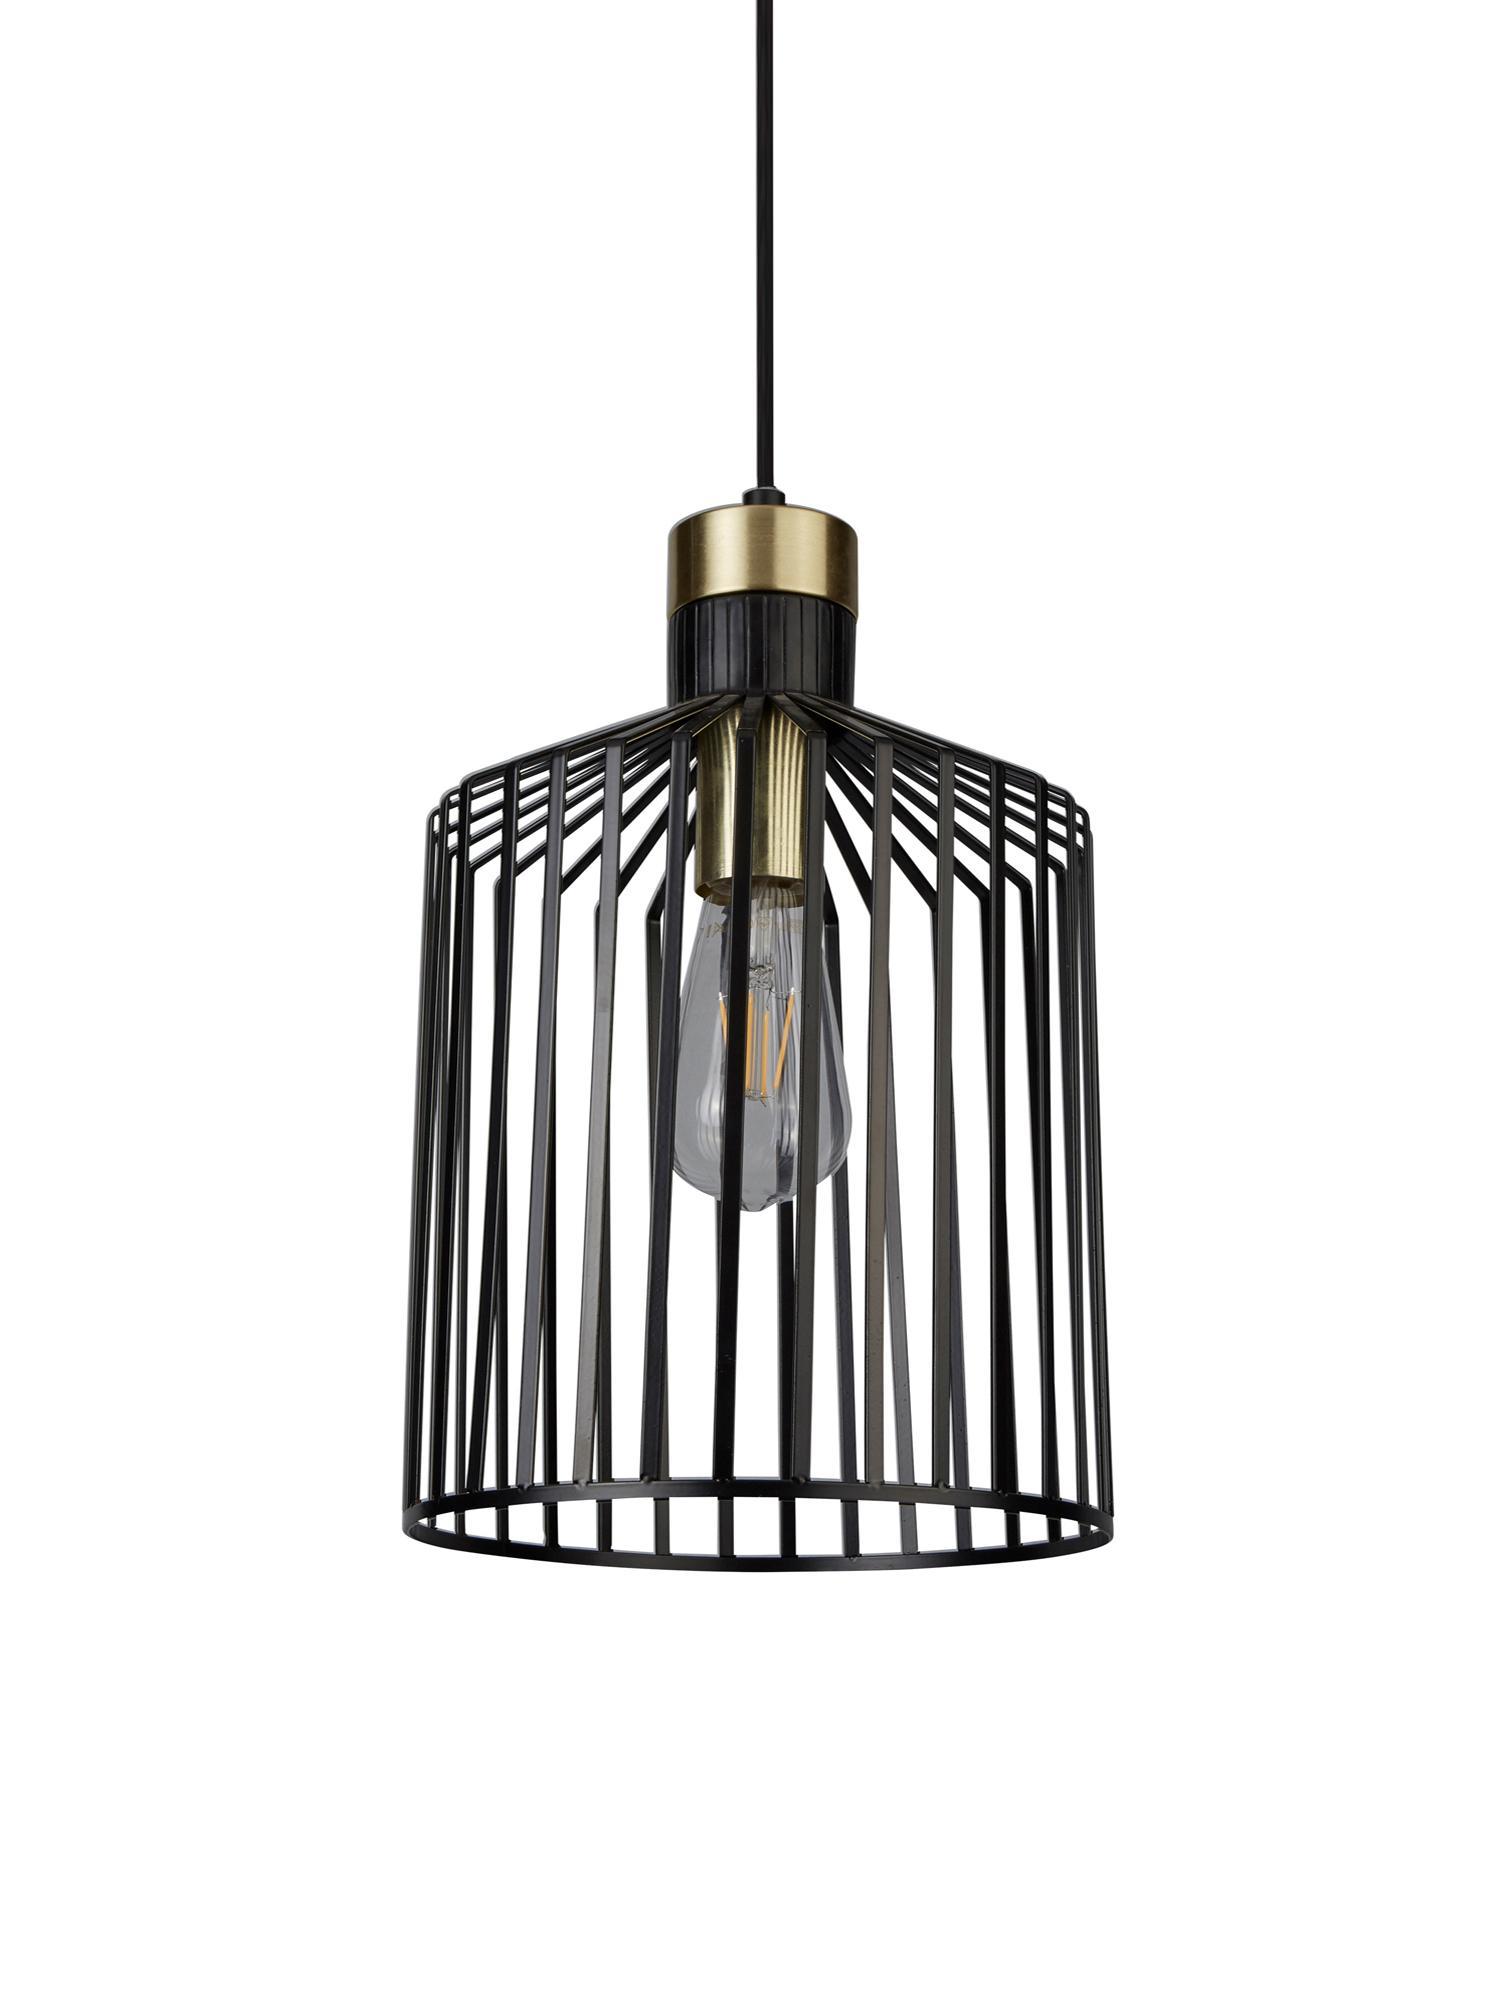 Lampada a sospensione Bird Cage, Metallo rivestito, Nero, dorato, Ø 22 x Alt. 36 cm